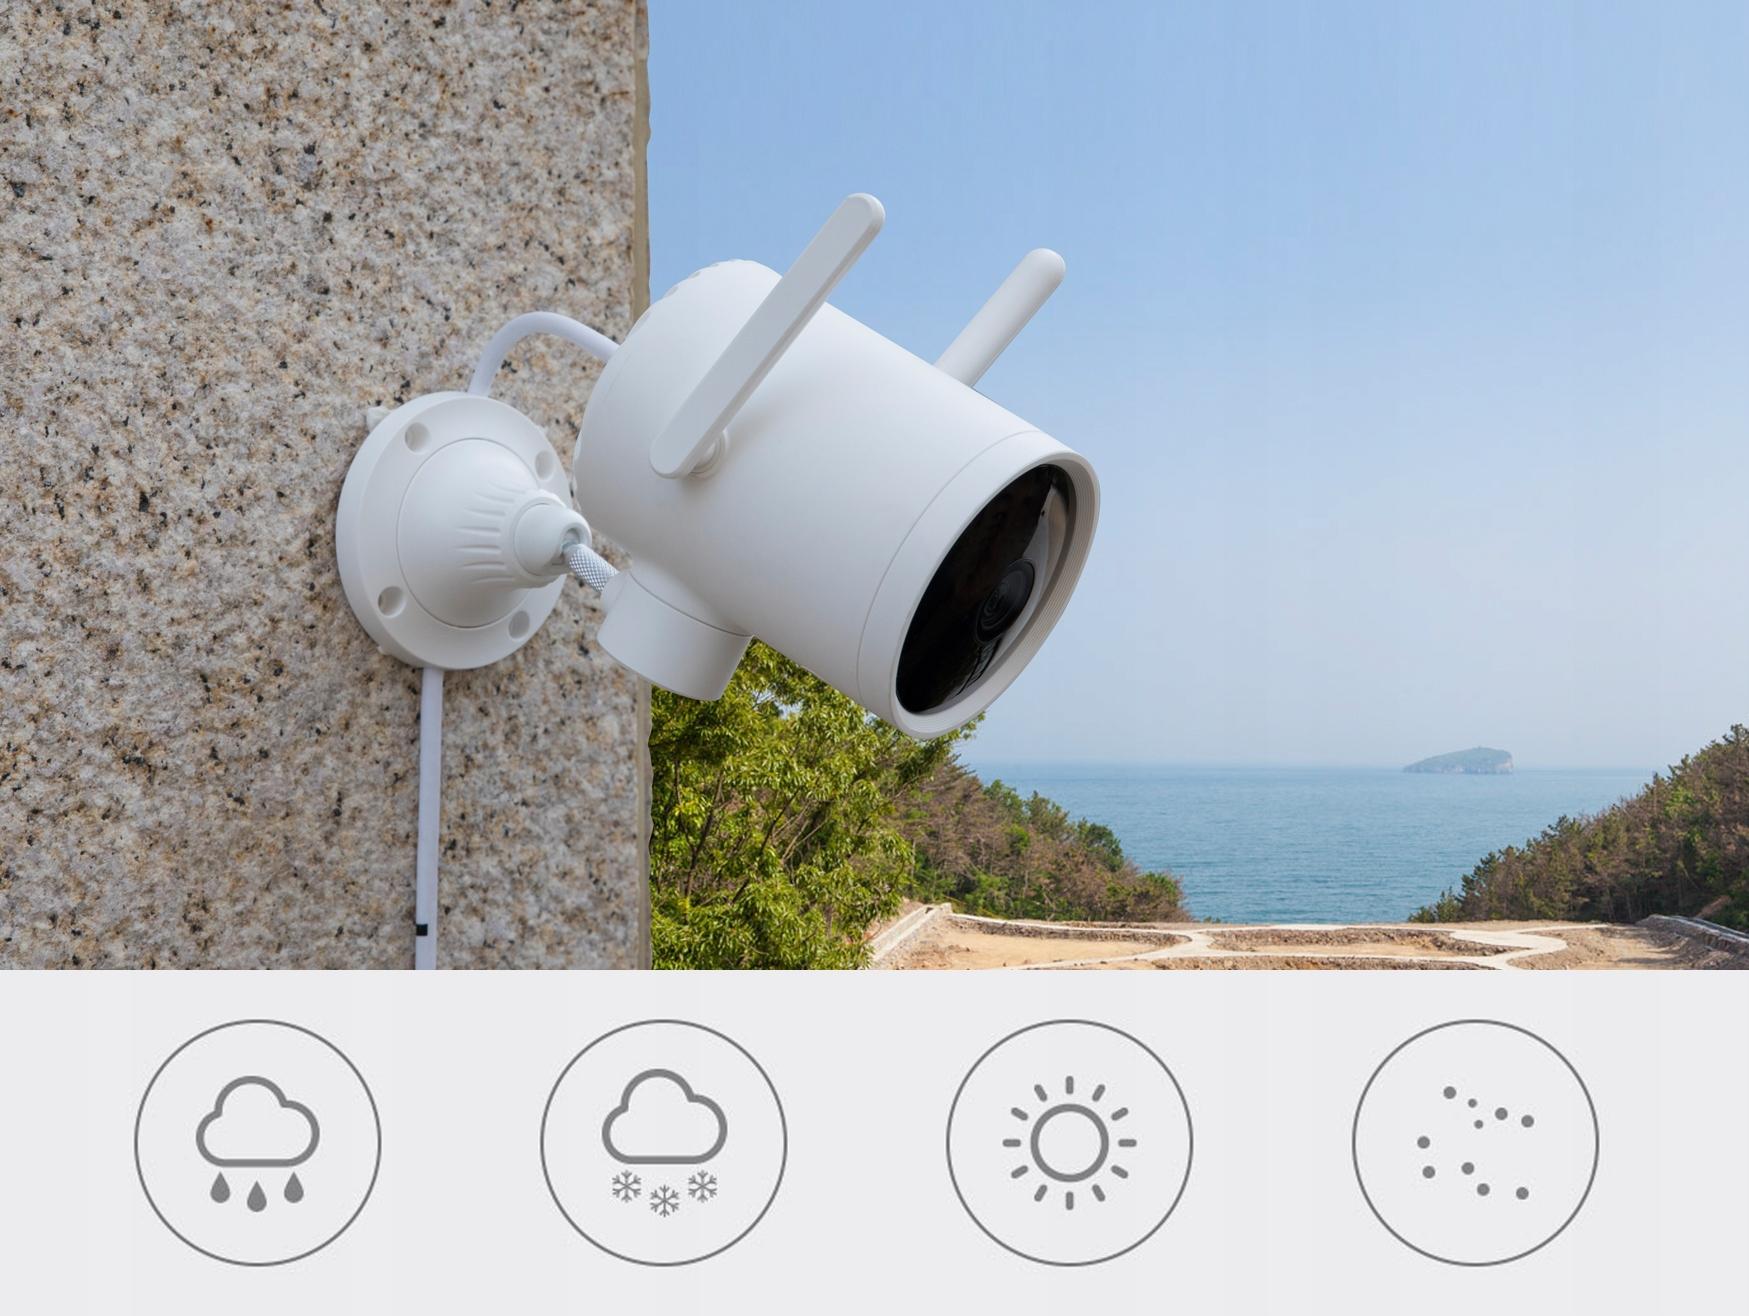 IMILAB EC3 Kamera IP ZEWNĘTRZNA obrotowa 3MPIX 2K Załączone wyposażenie Zasilacz z kablem 3m Zestaw uchwytów do montażu